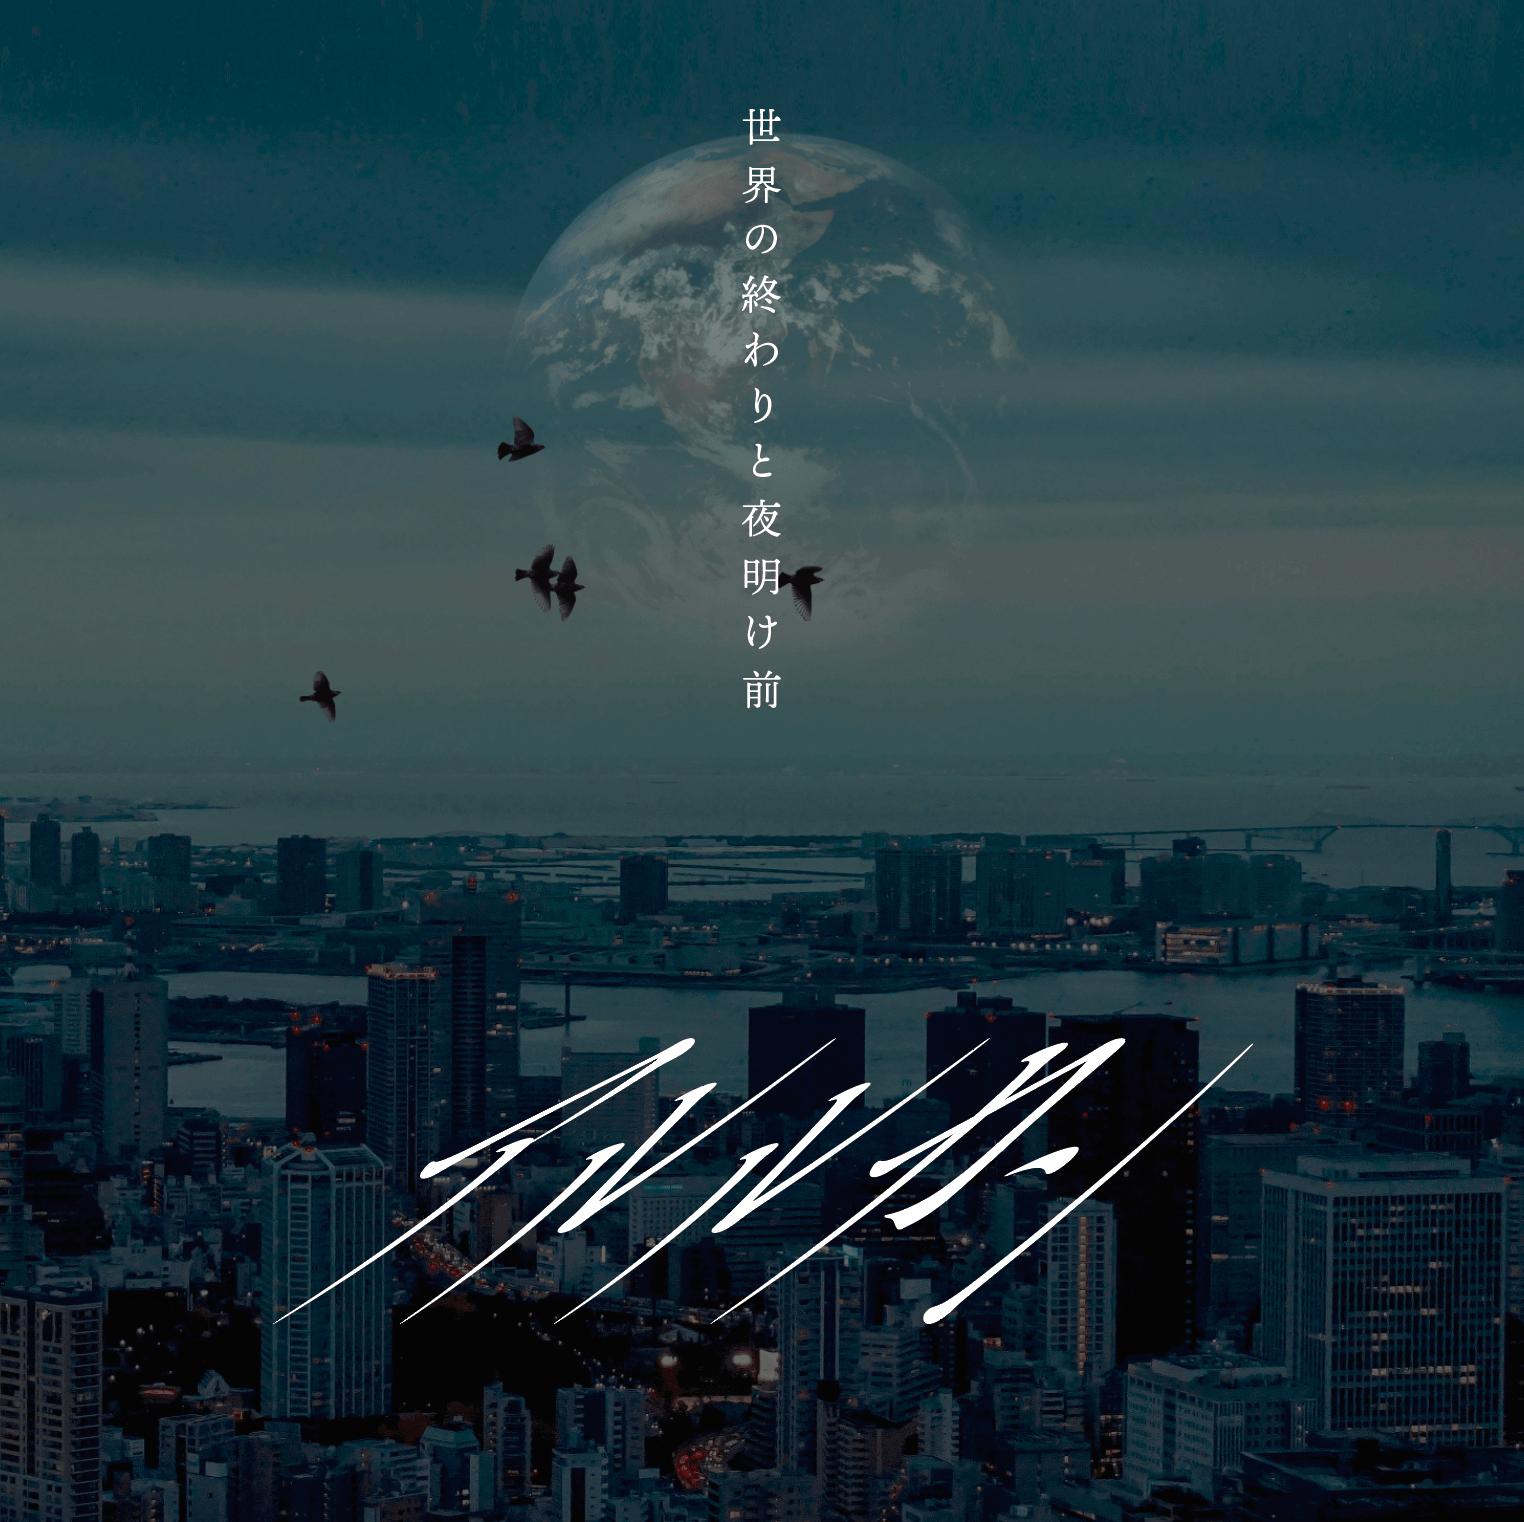 「世界の終わりと夜明け前」【初回限定盤】